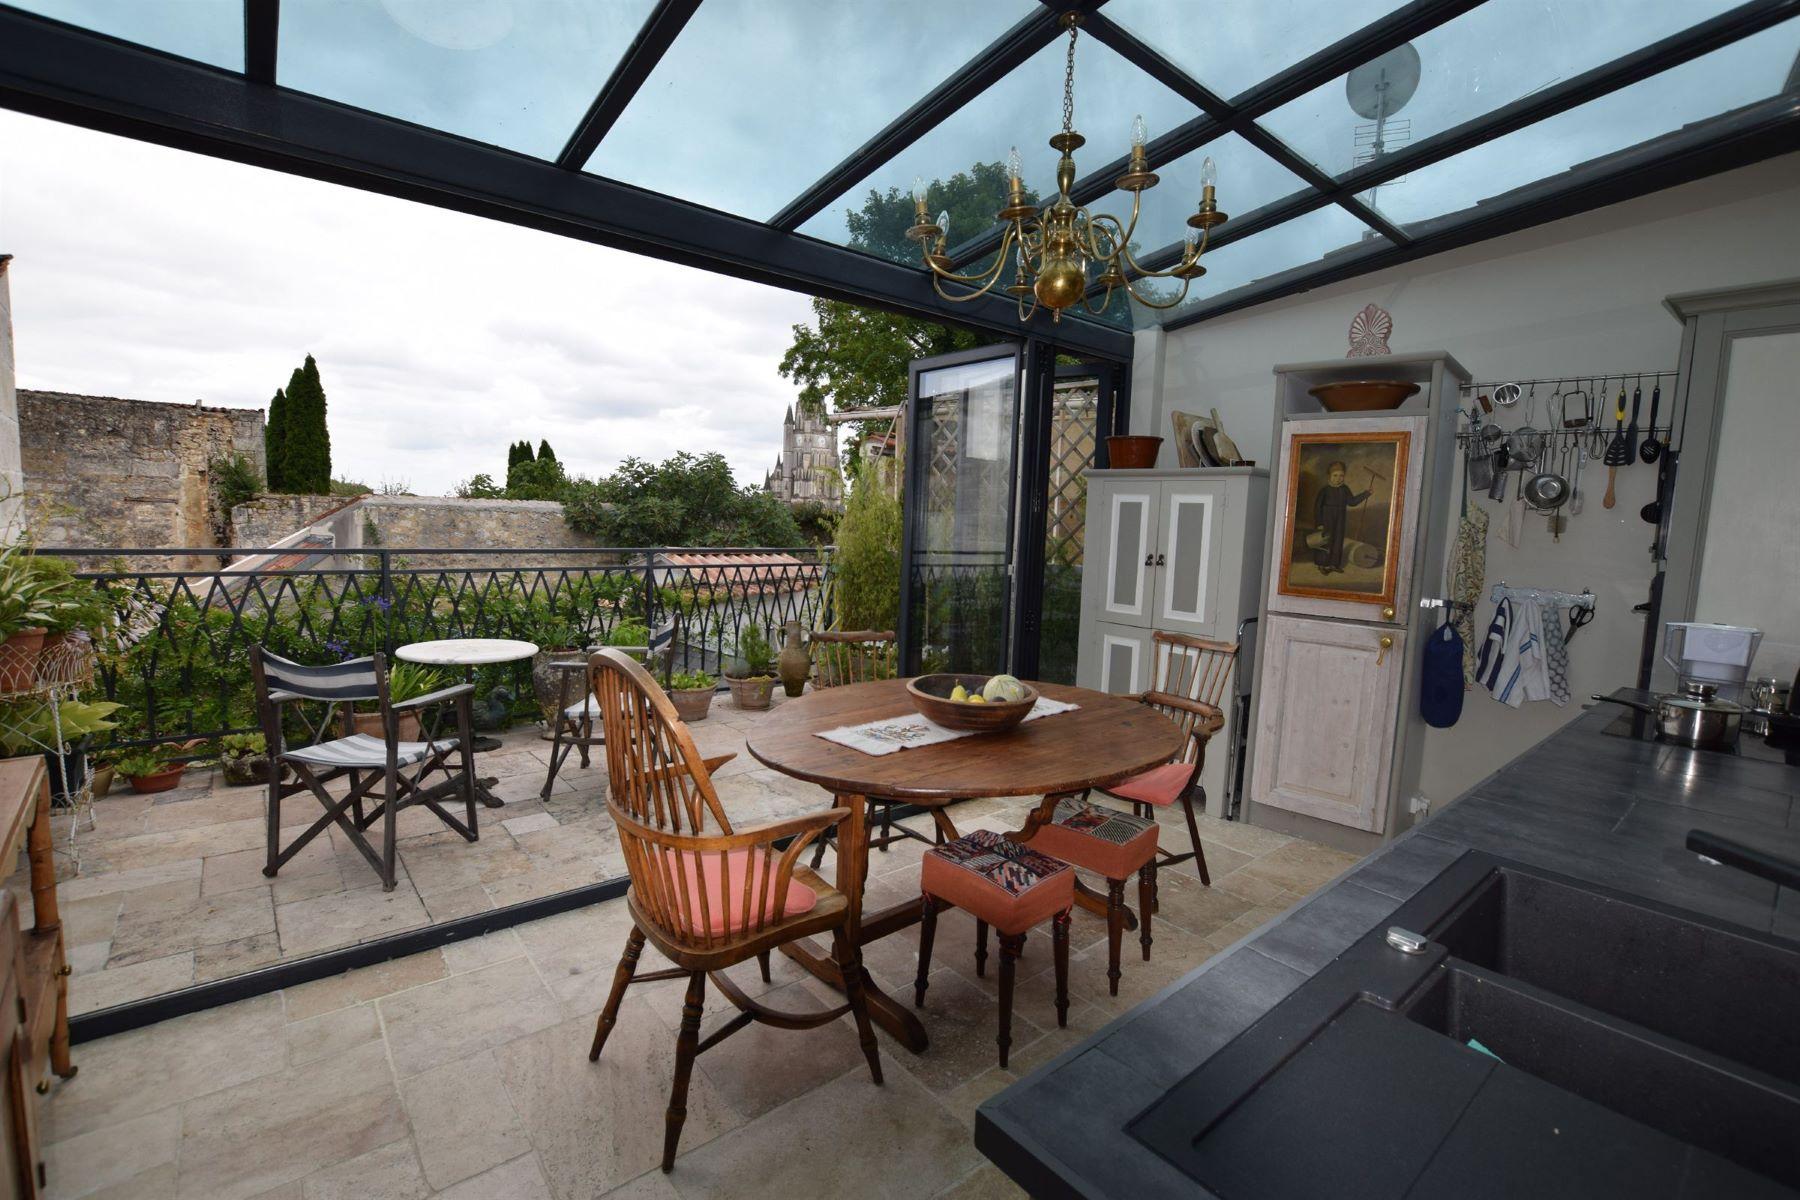 独户住宅 为 销售 在 Town house - SAINTES 圣特斯, 普瓦图夏朗德, 17100 法国